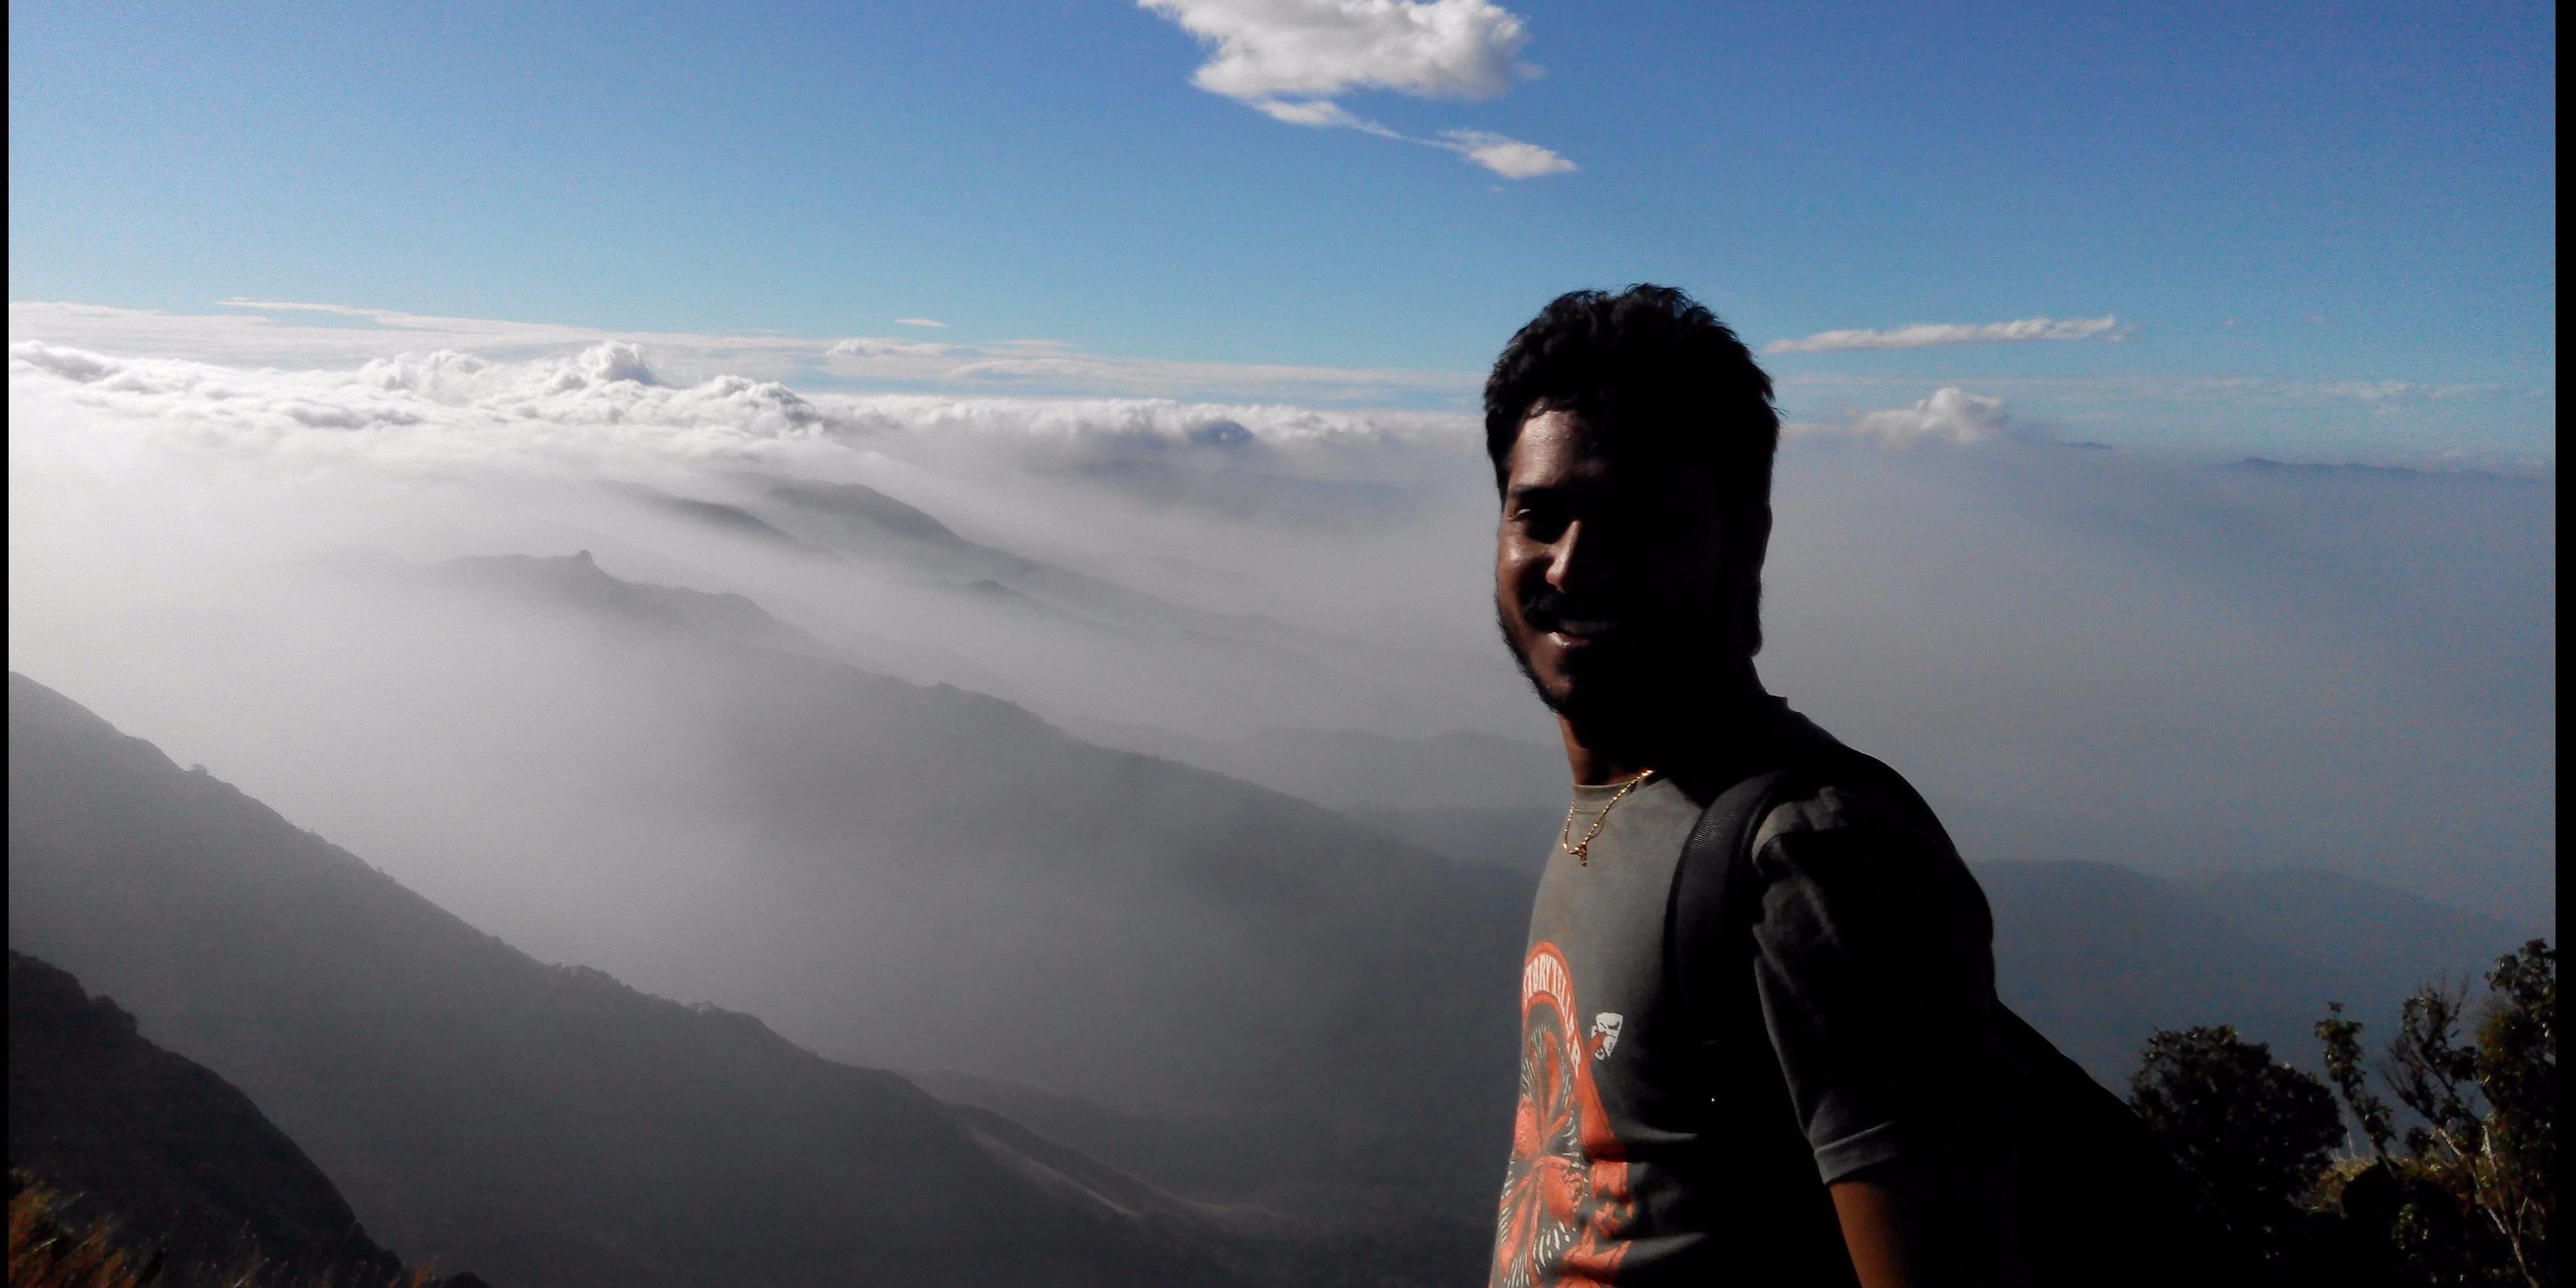 Climbing above the clouds - Kumara Parvata